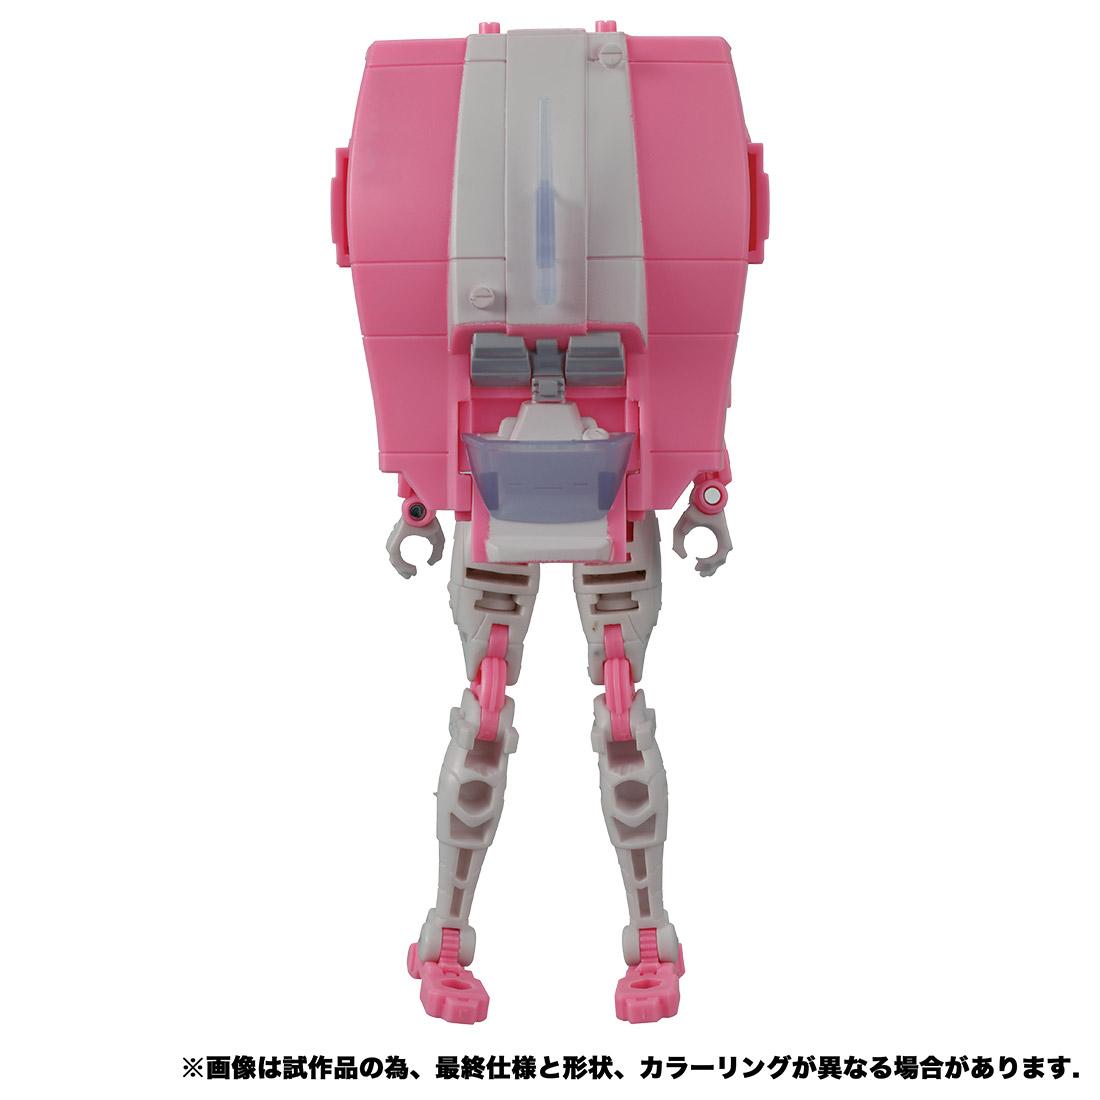 トランスフォーマー アースライズ『ER-09 アーシー』可変可動フィギュア-006